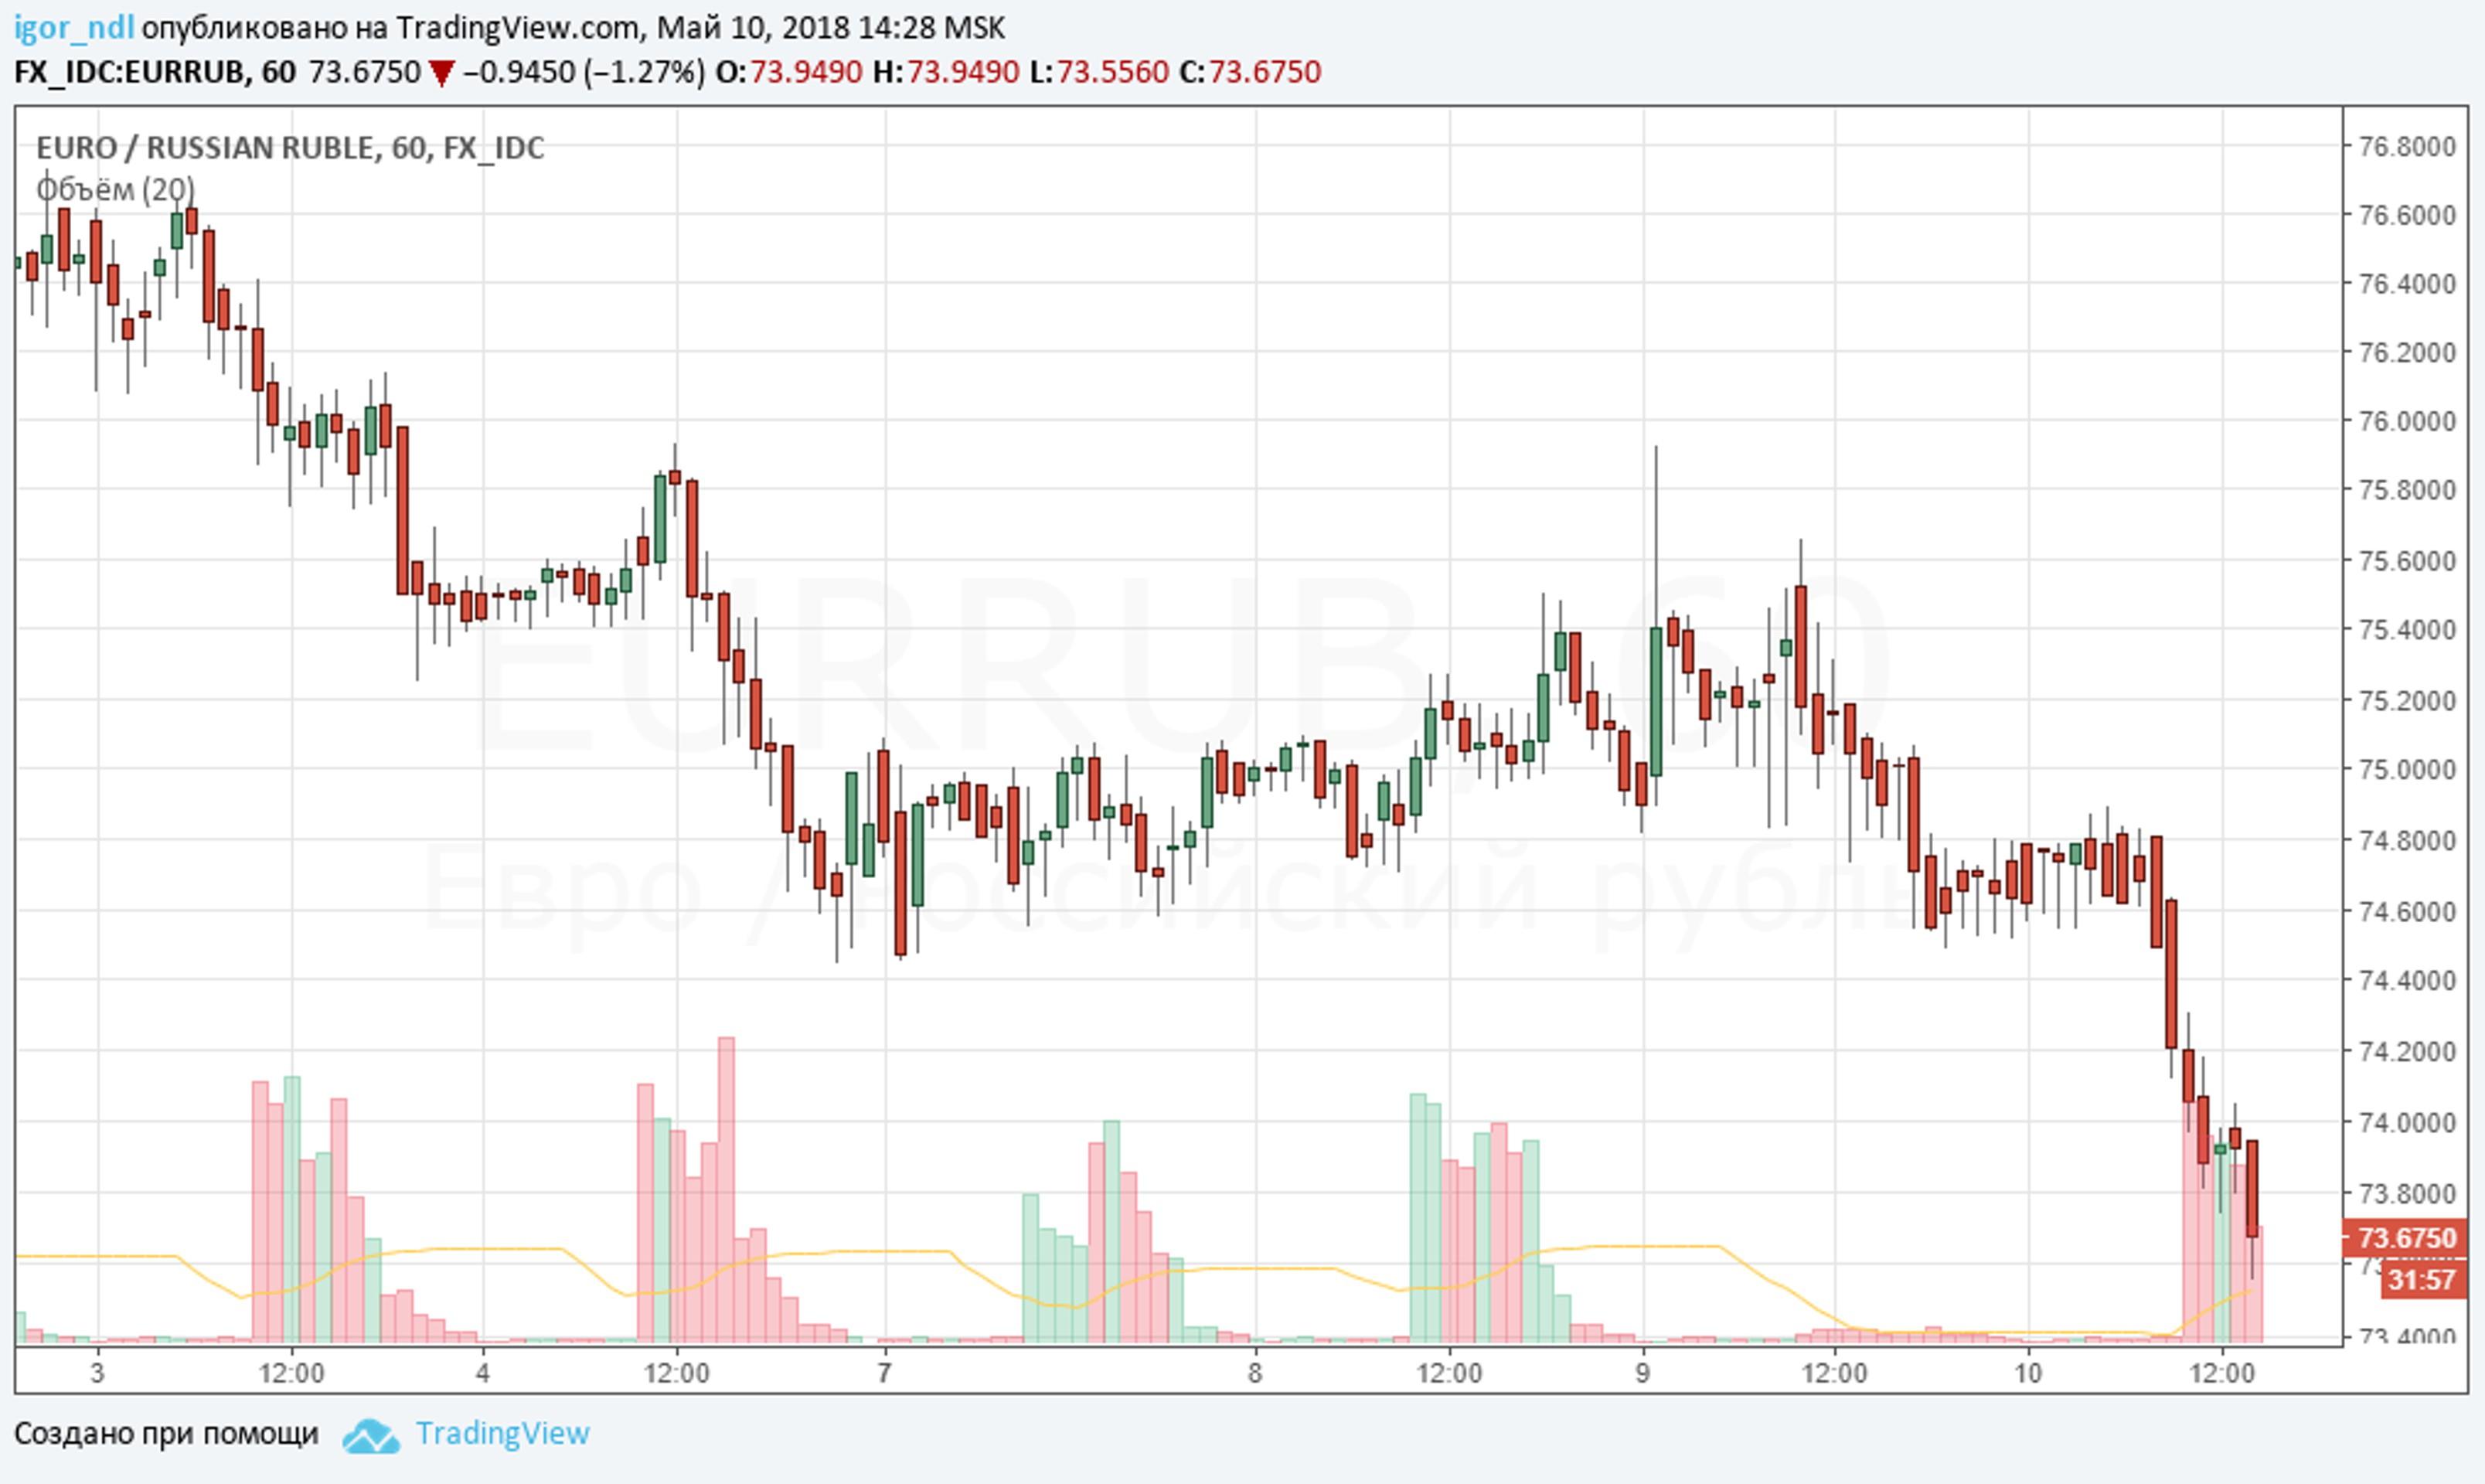 Почему рубль крепнет вопреки прогнозам?